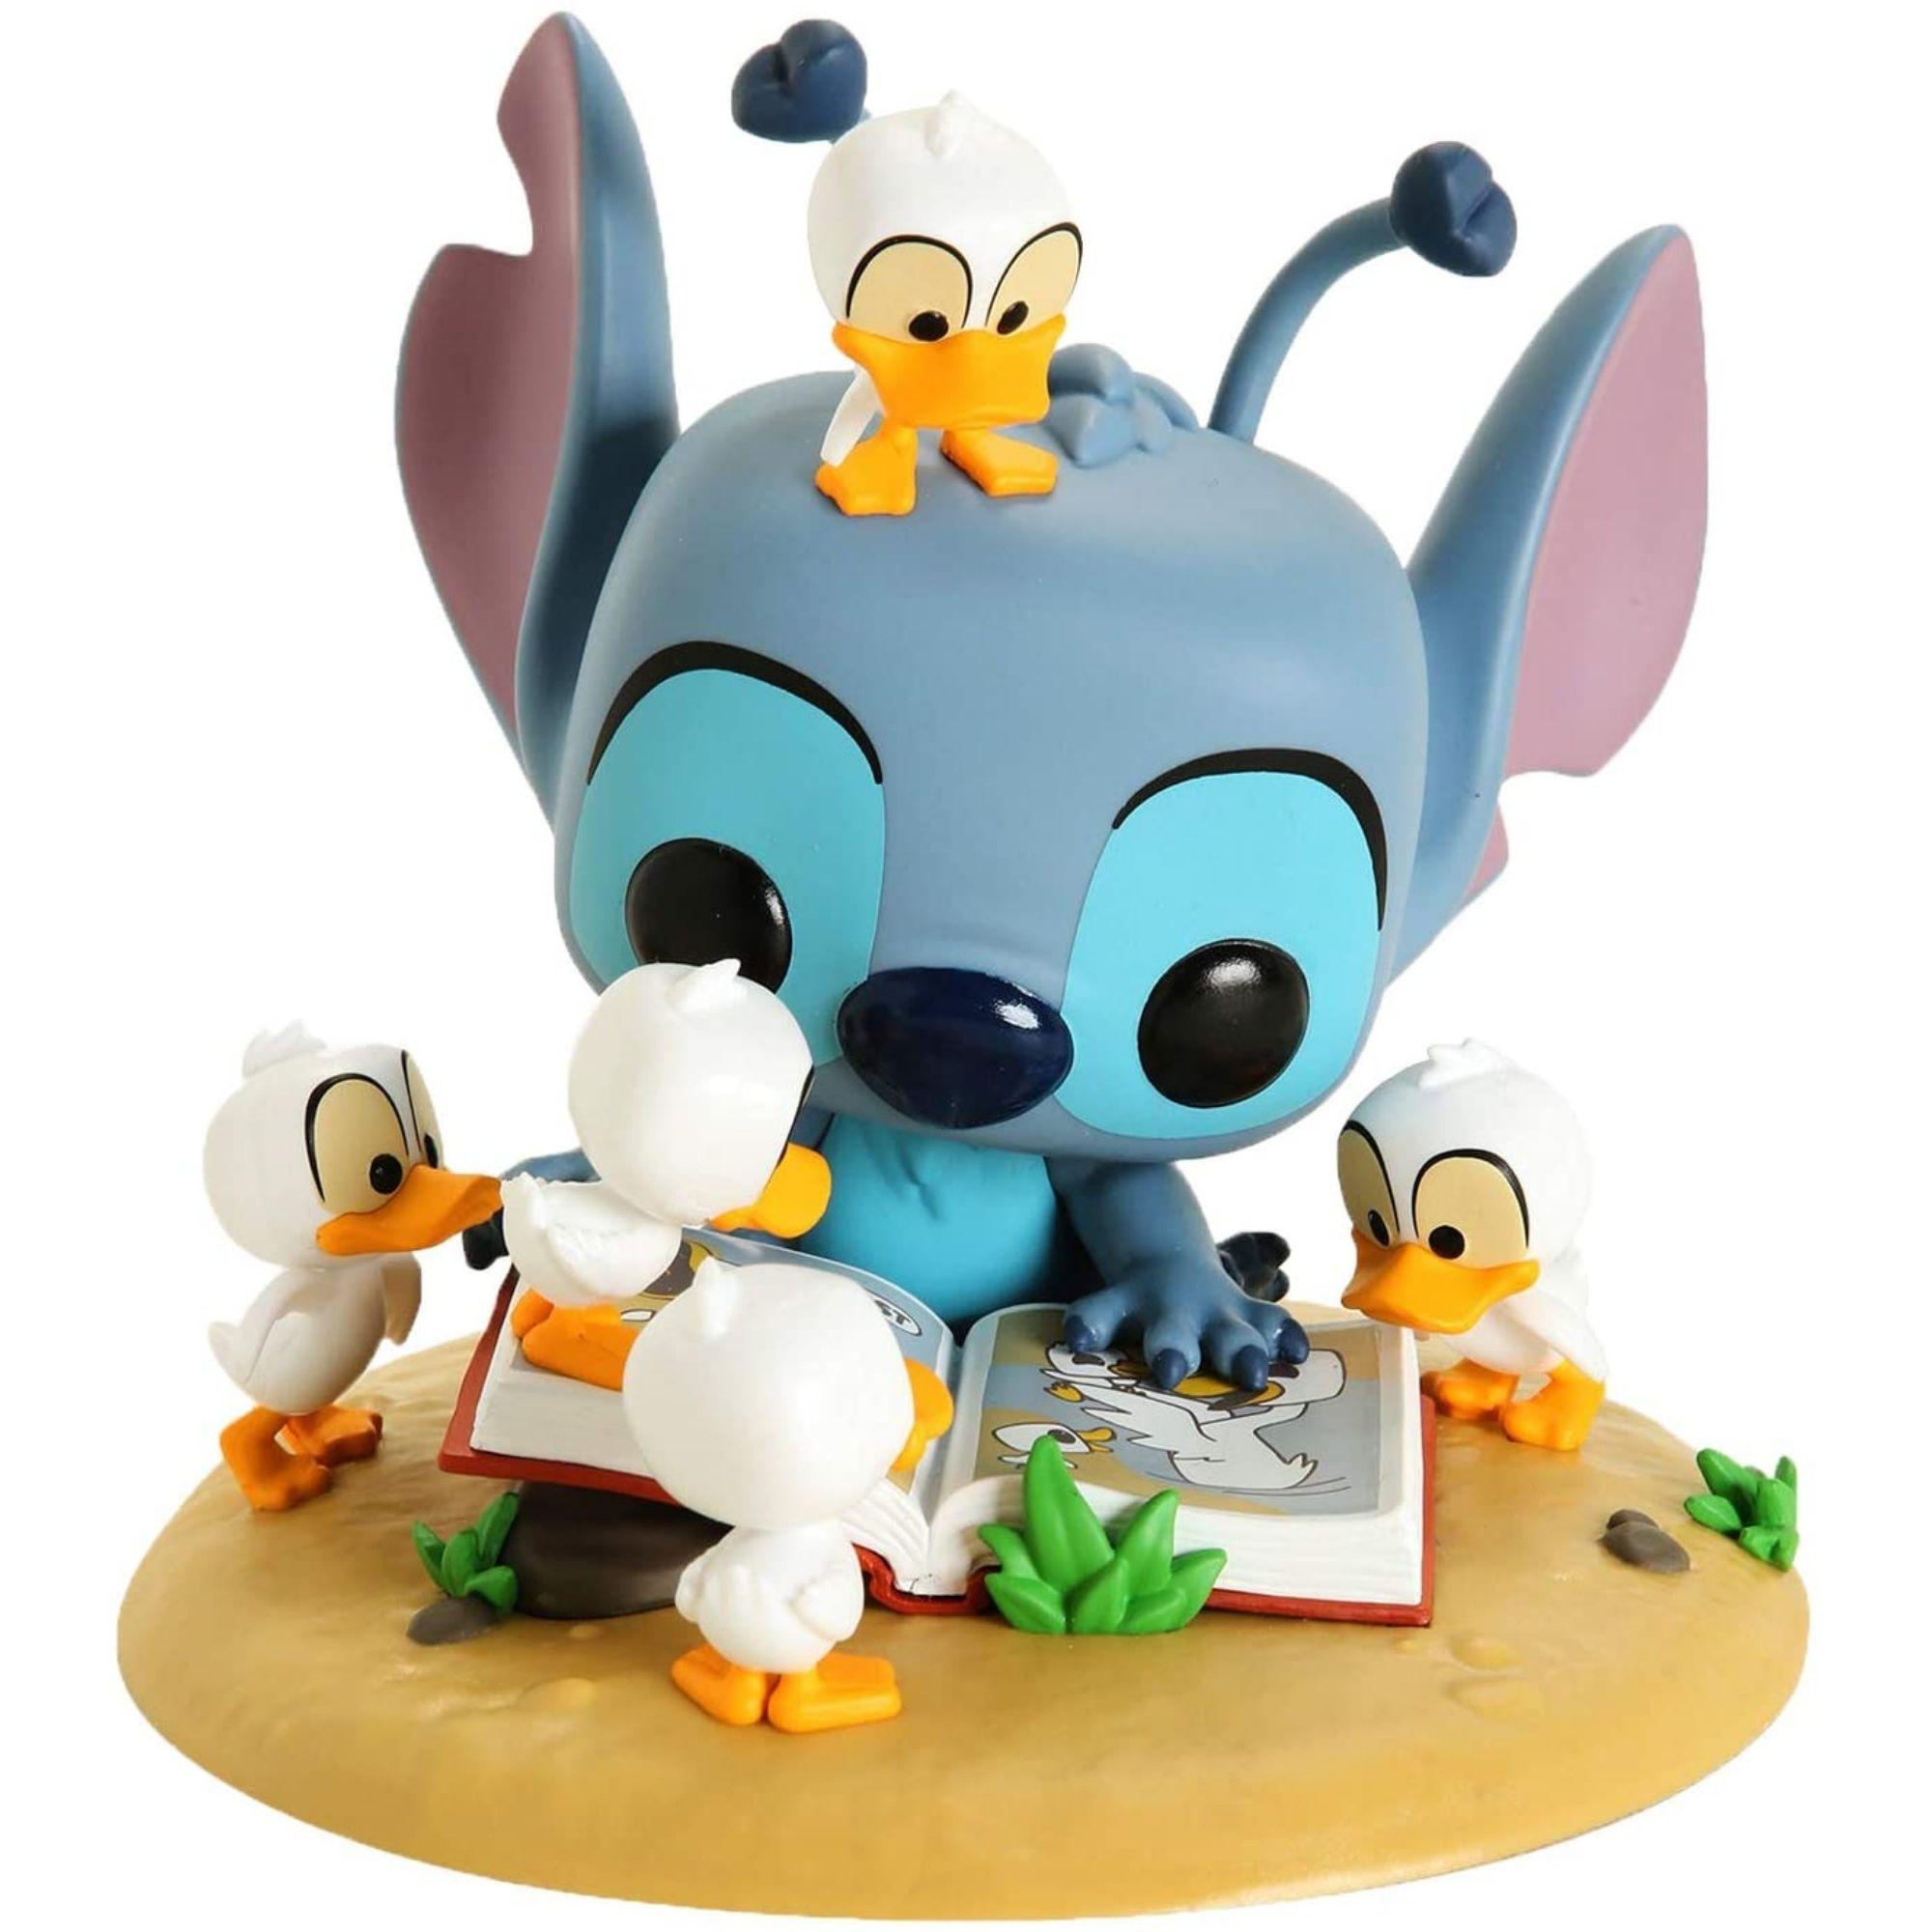 Funko Pop Disney Stitch with Ducks Exclusivo #639  - Game Land Brinquedos